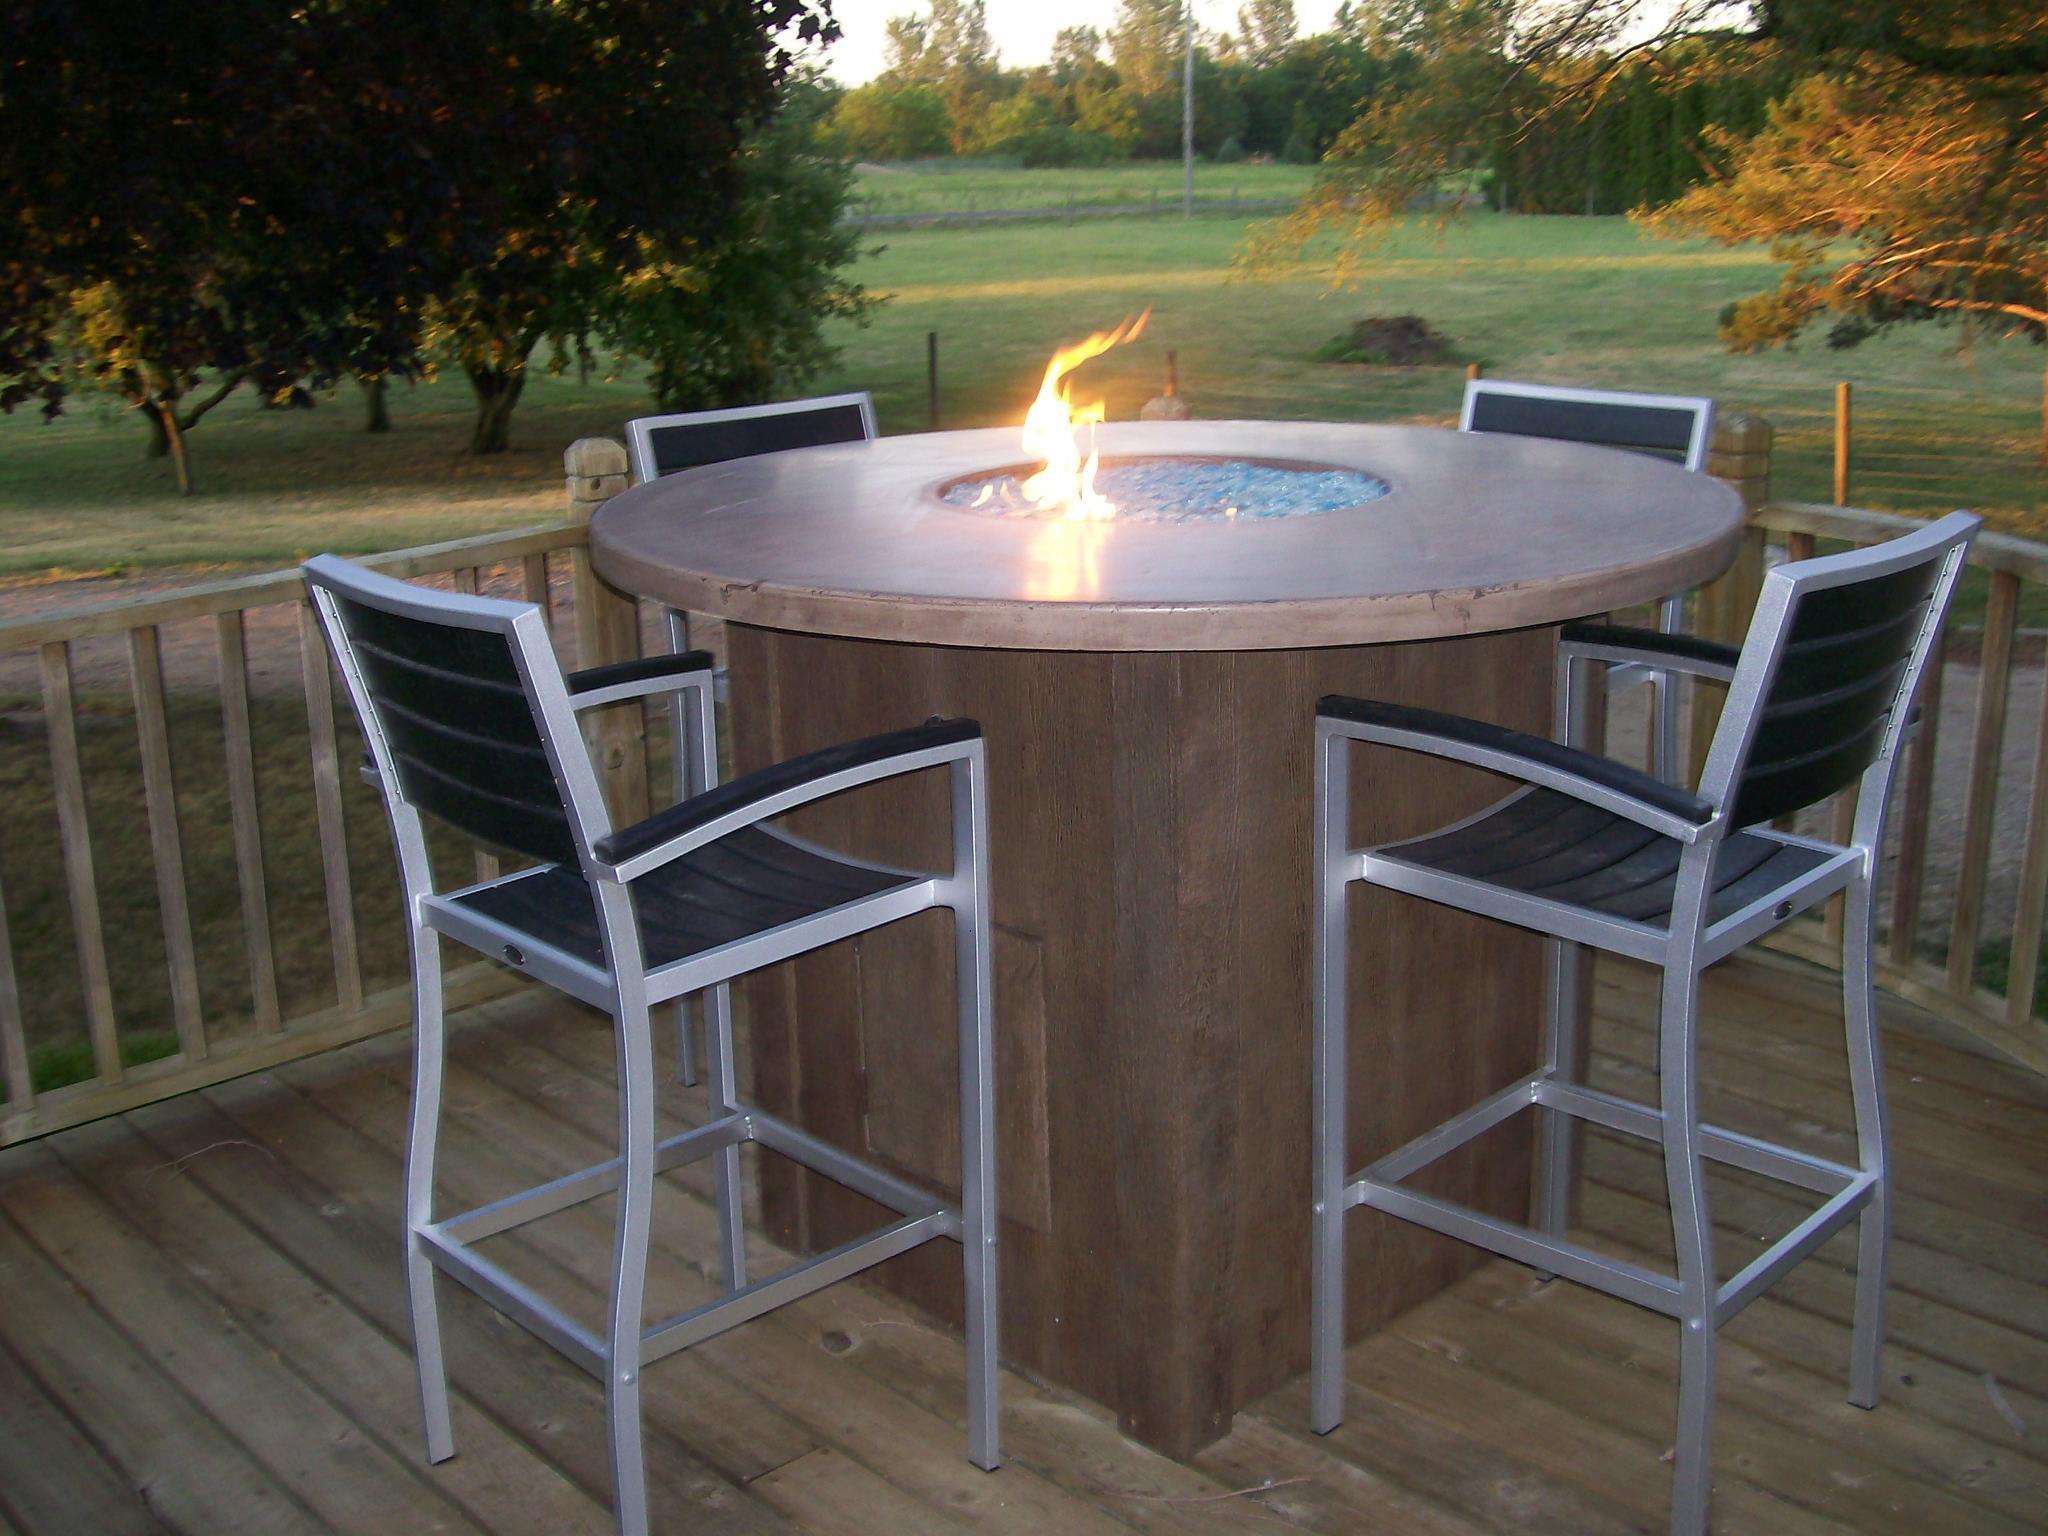 Concrete Fire Pit Table Fireplace Design Ideas